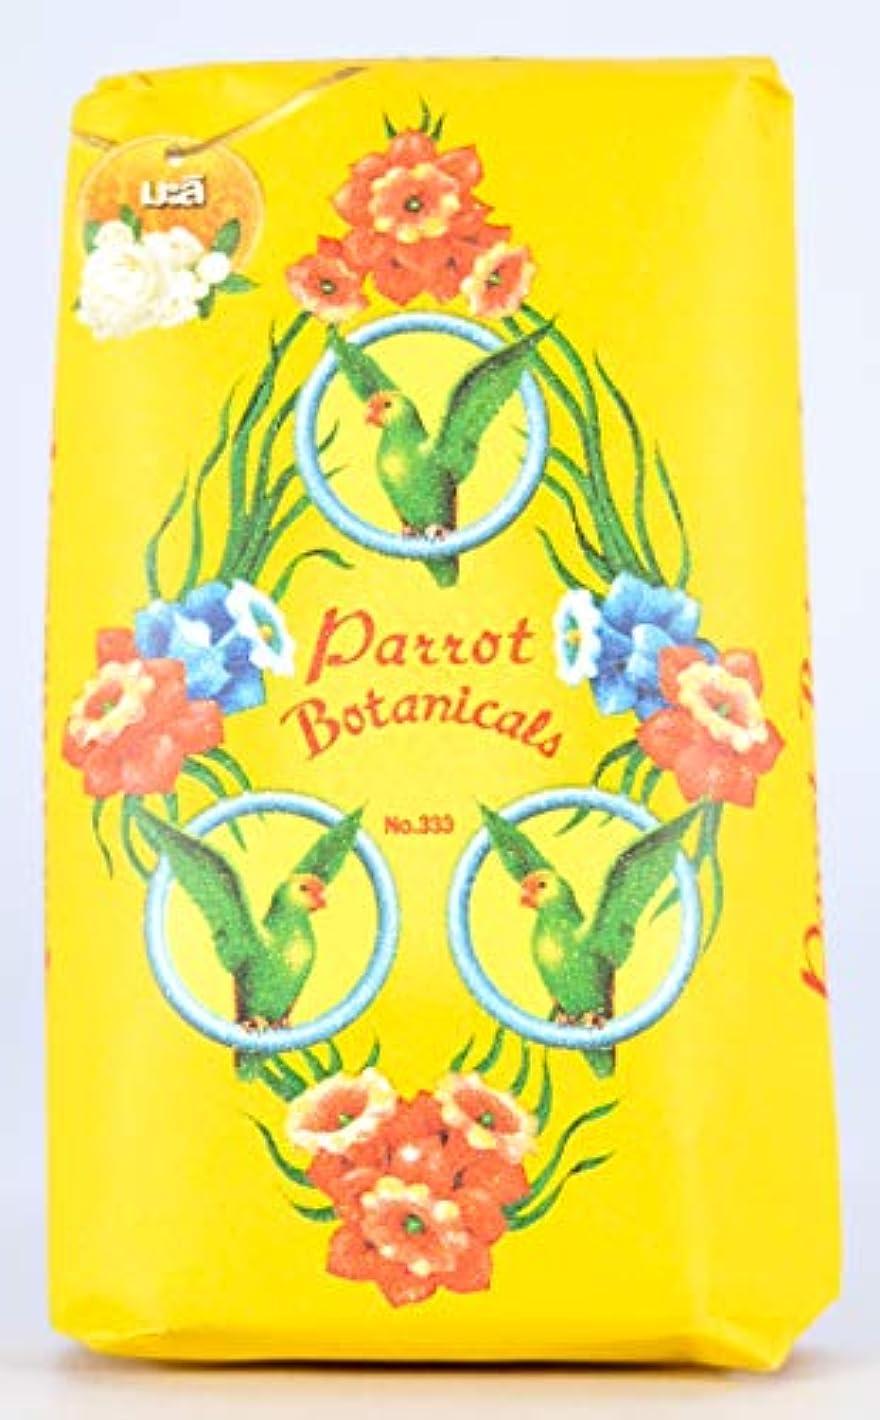 キャラバン考古学的な農業Parrot Soap Botanicals Jasmine Fragrance 70g.x4